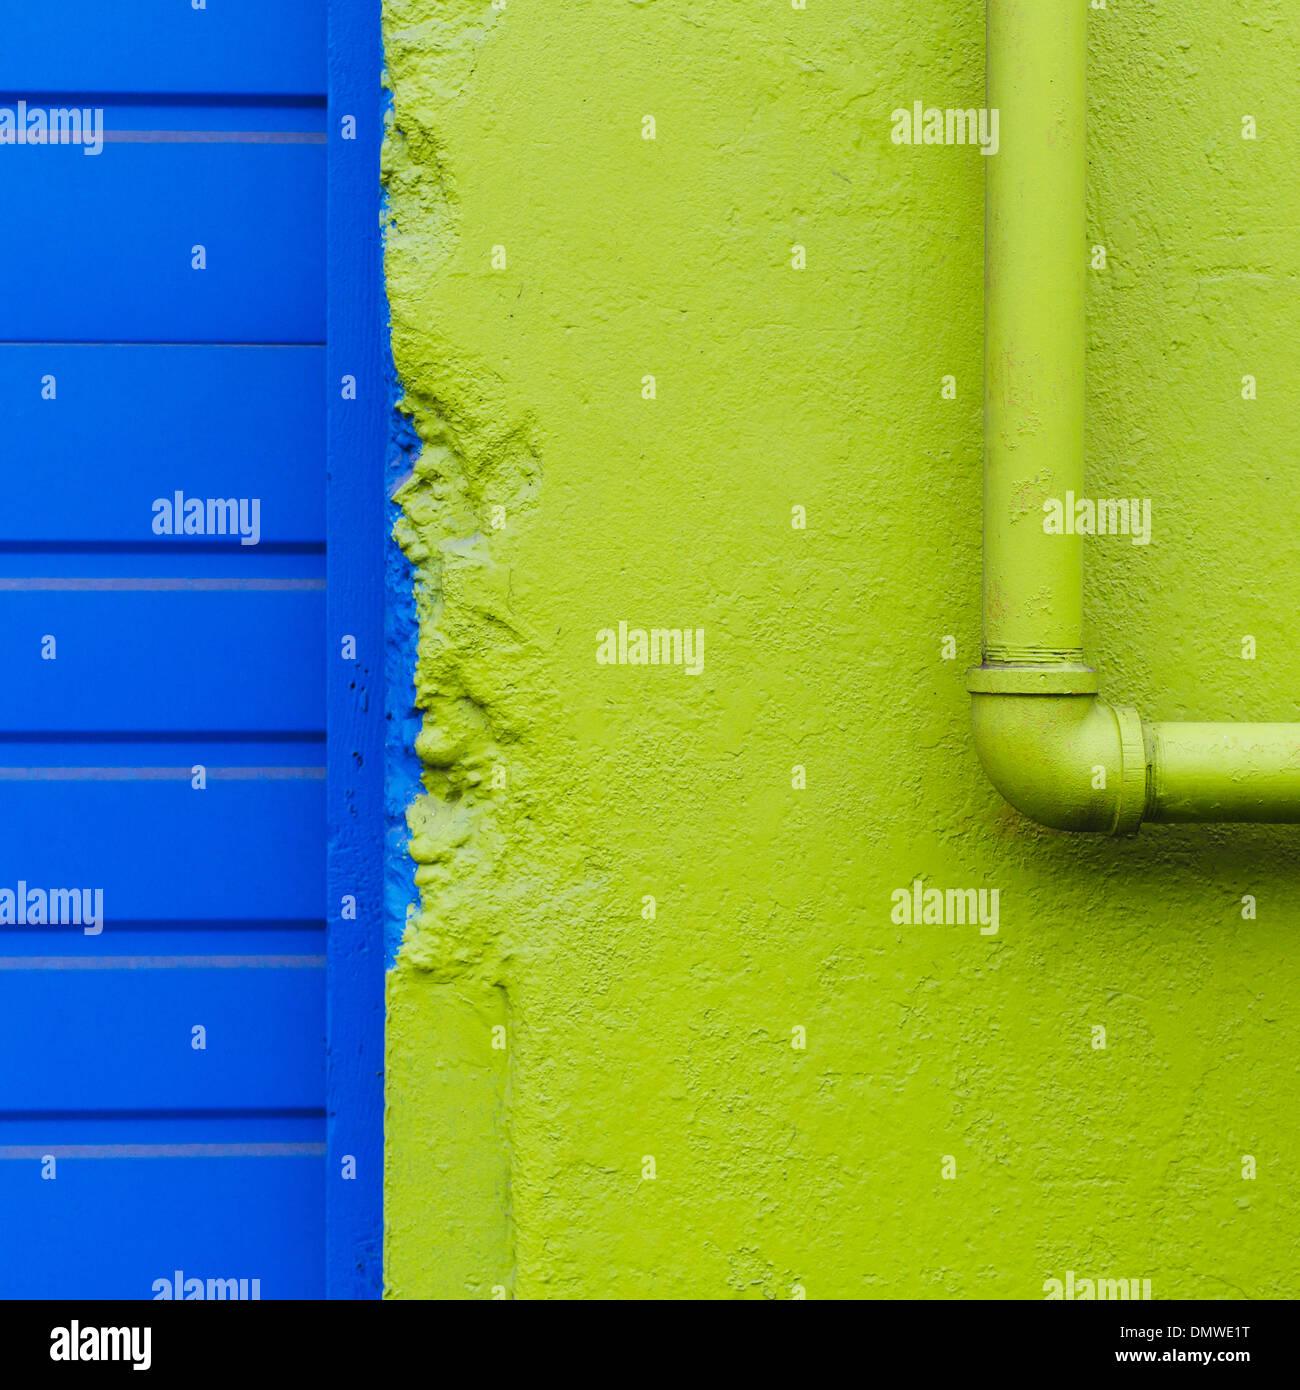 Un mur peint en vert et bleu par un tuyau d'entrée. Photo Stock